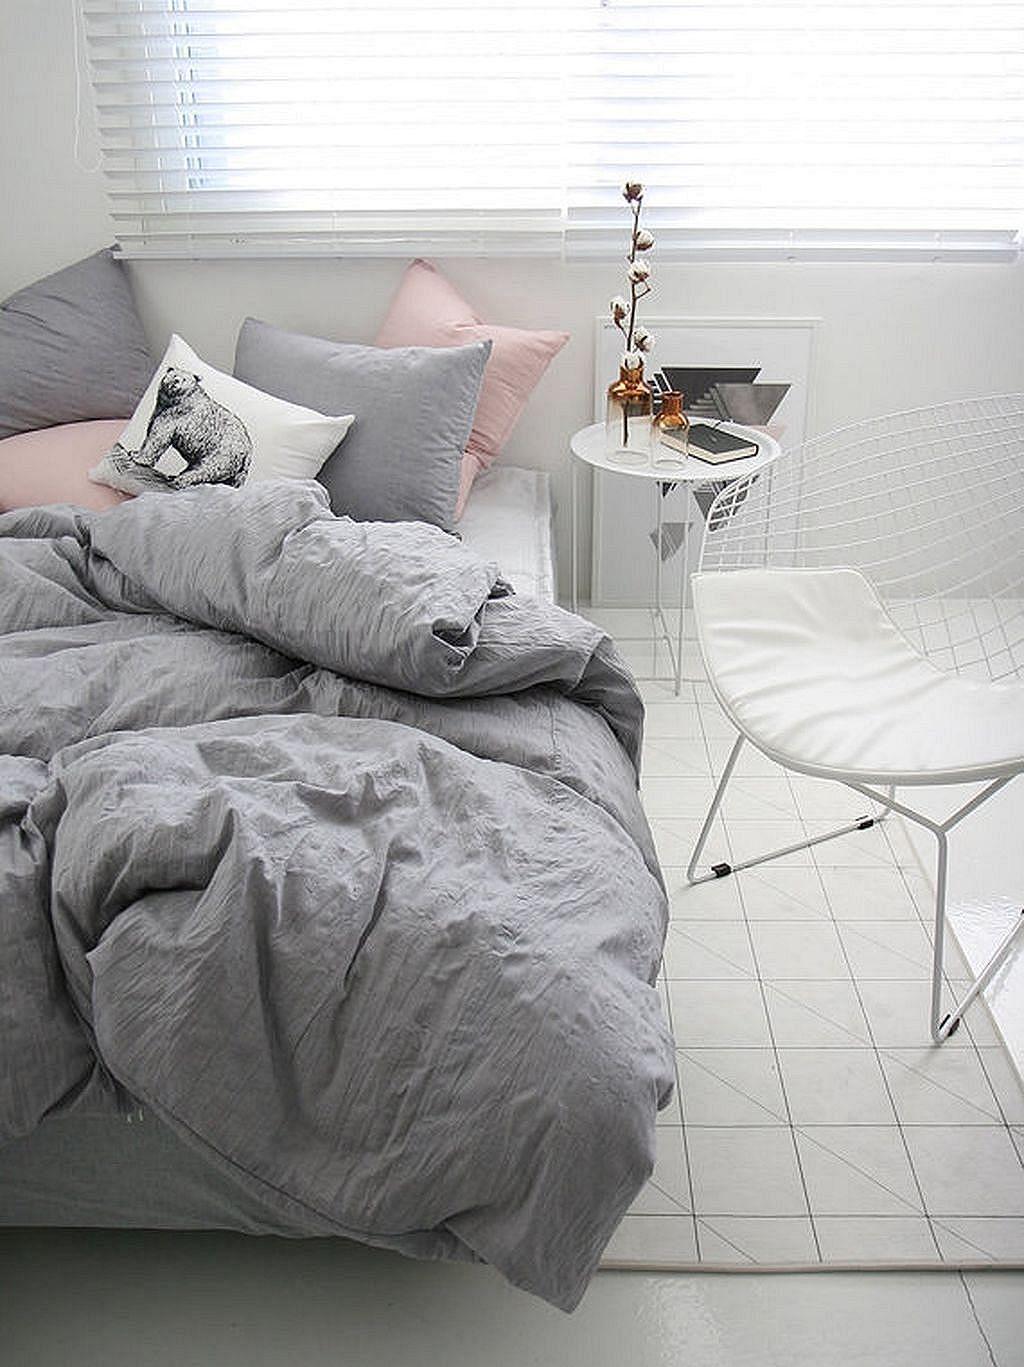 literie couleur menthe couverture grise ensemble de literie rose idees originales idees pour la maison petite maison decoration maison chambre neutre